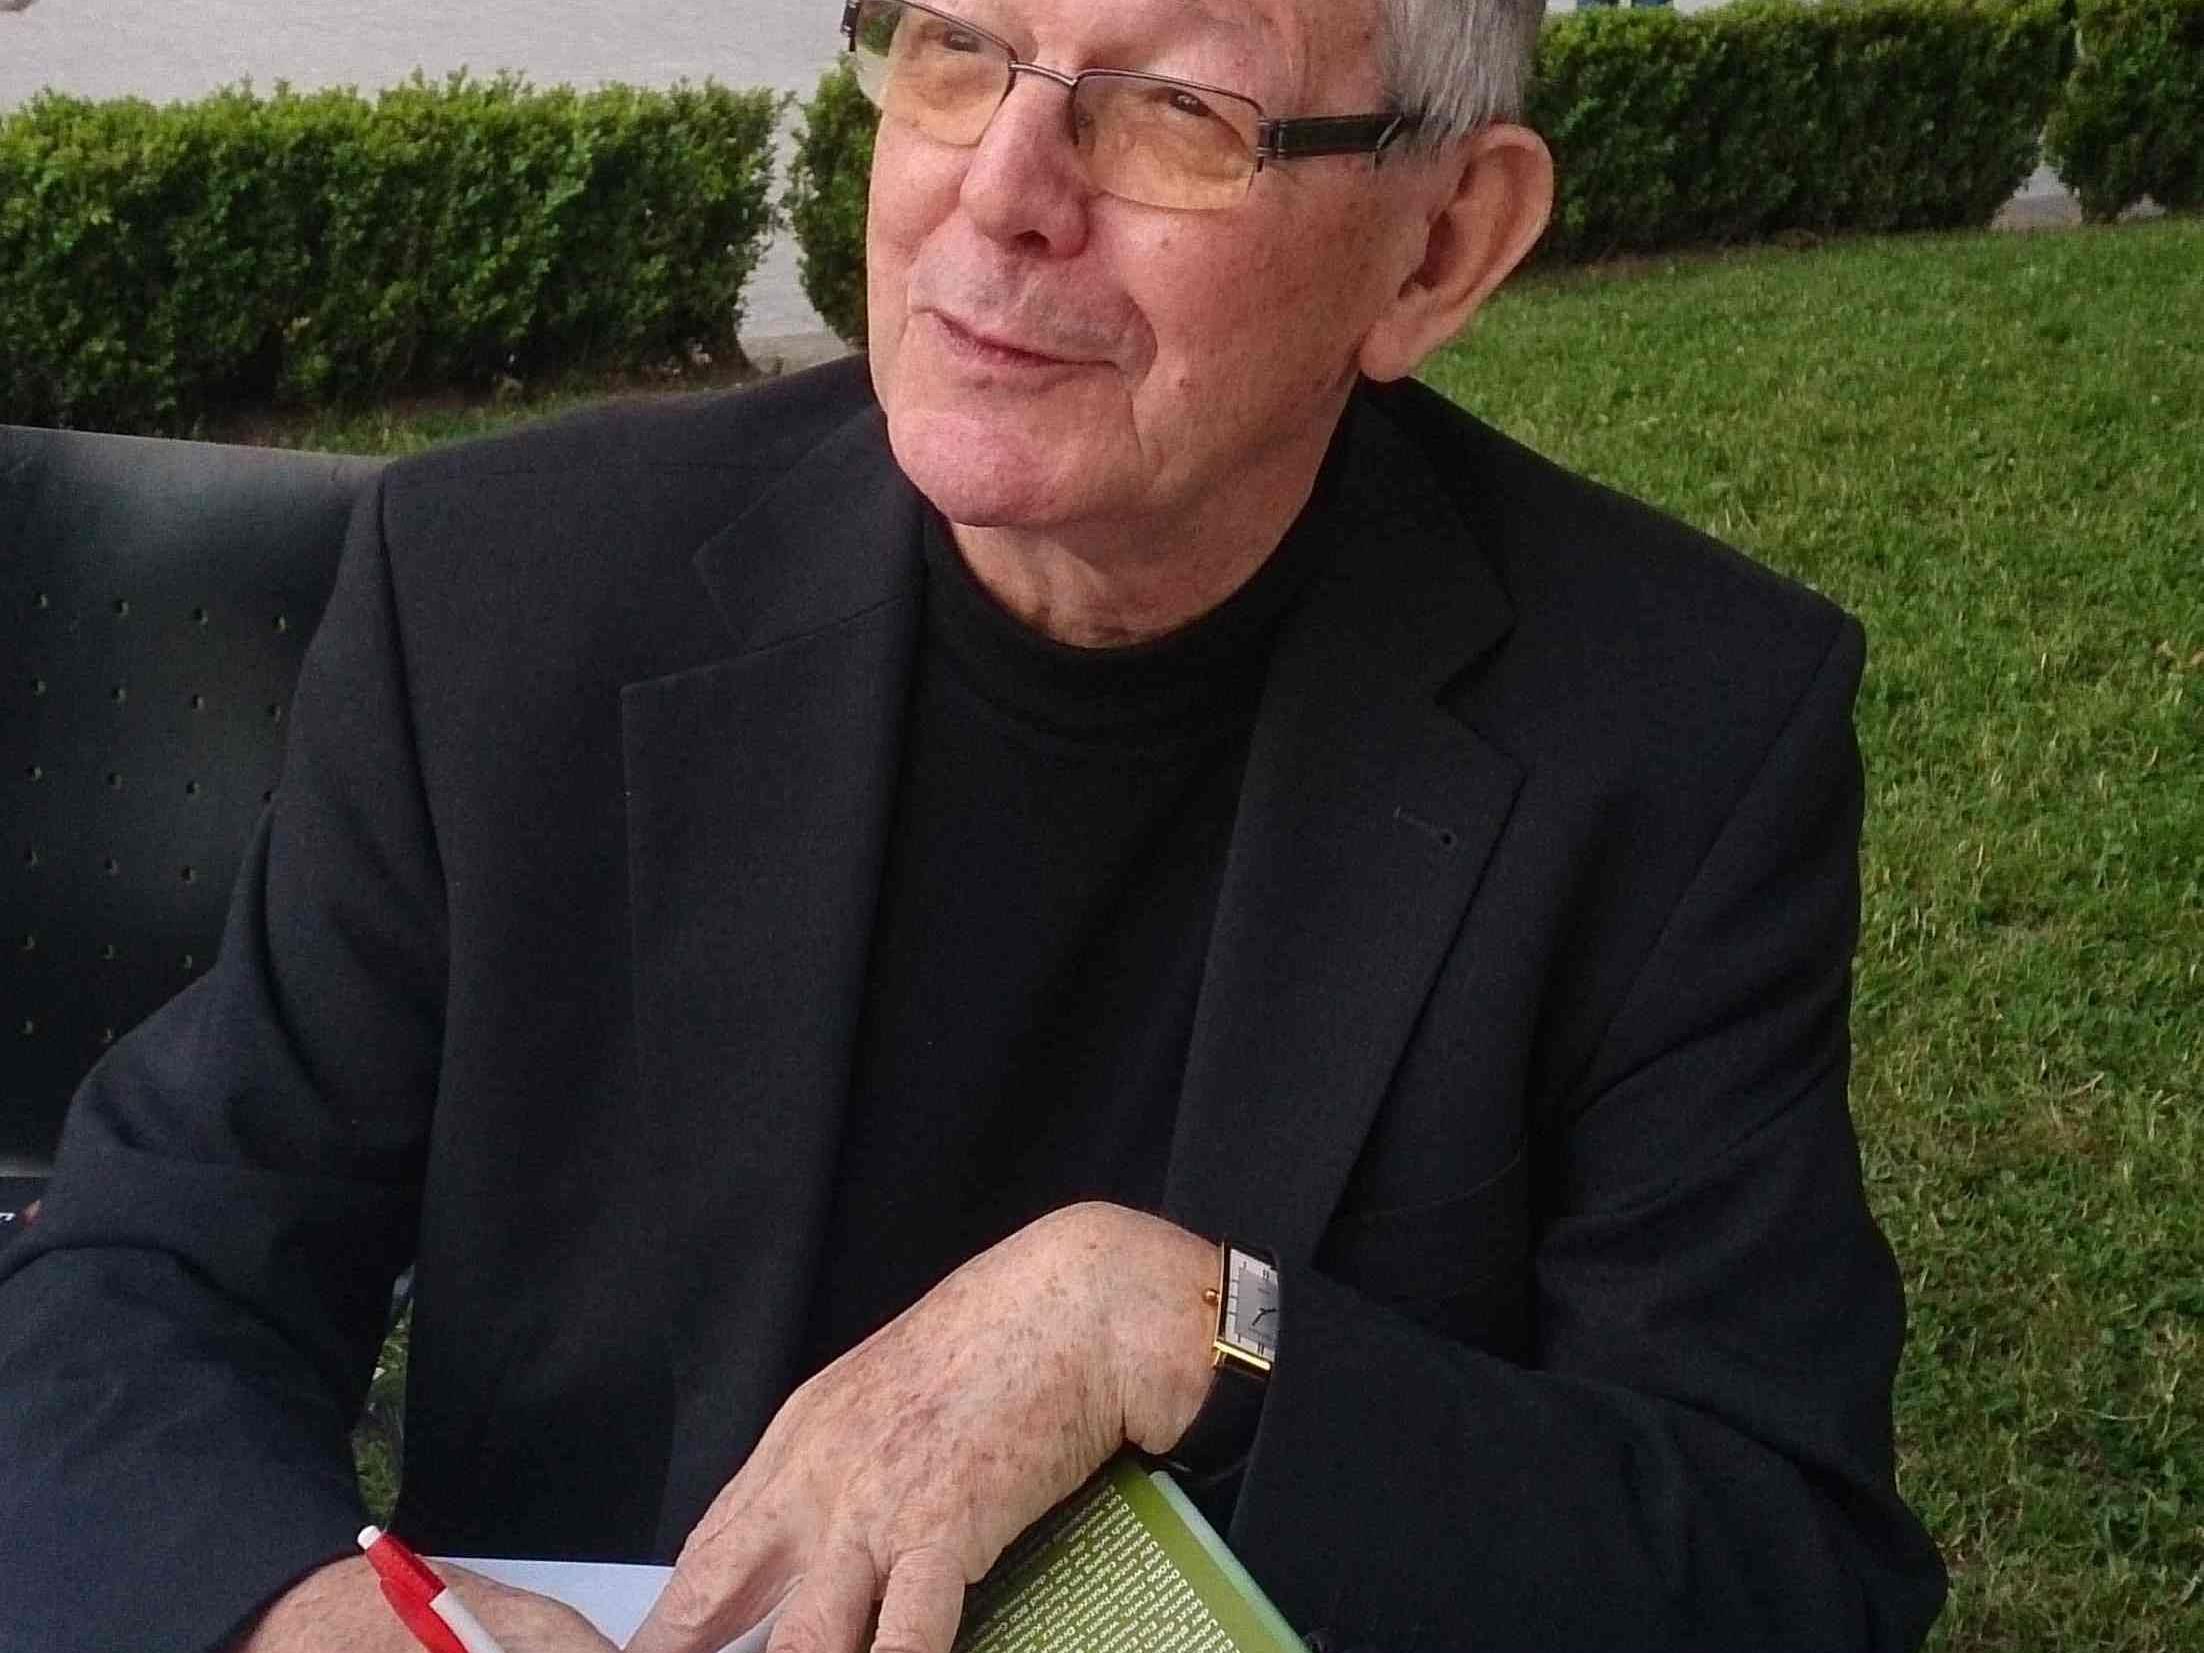 BIschof Erwin beim Signieren seiner Bücher